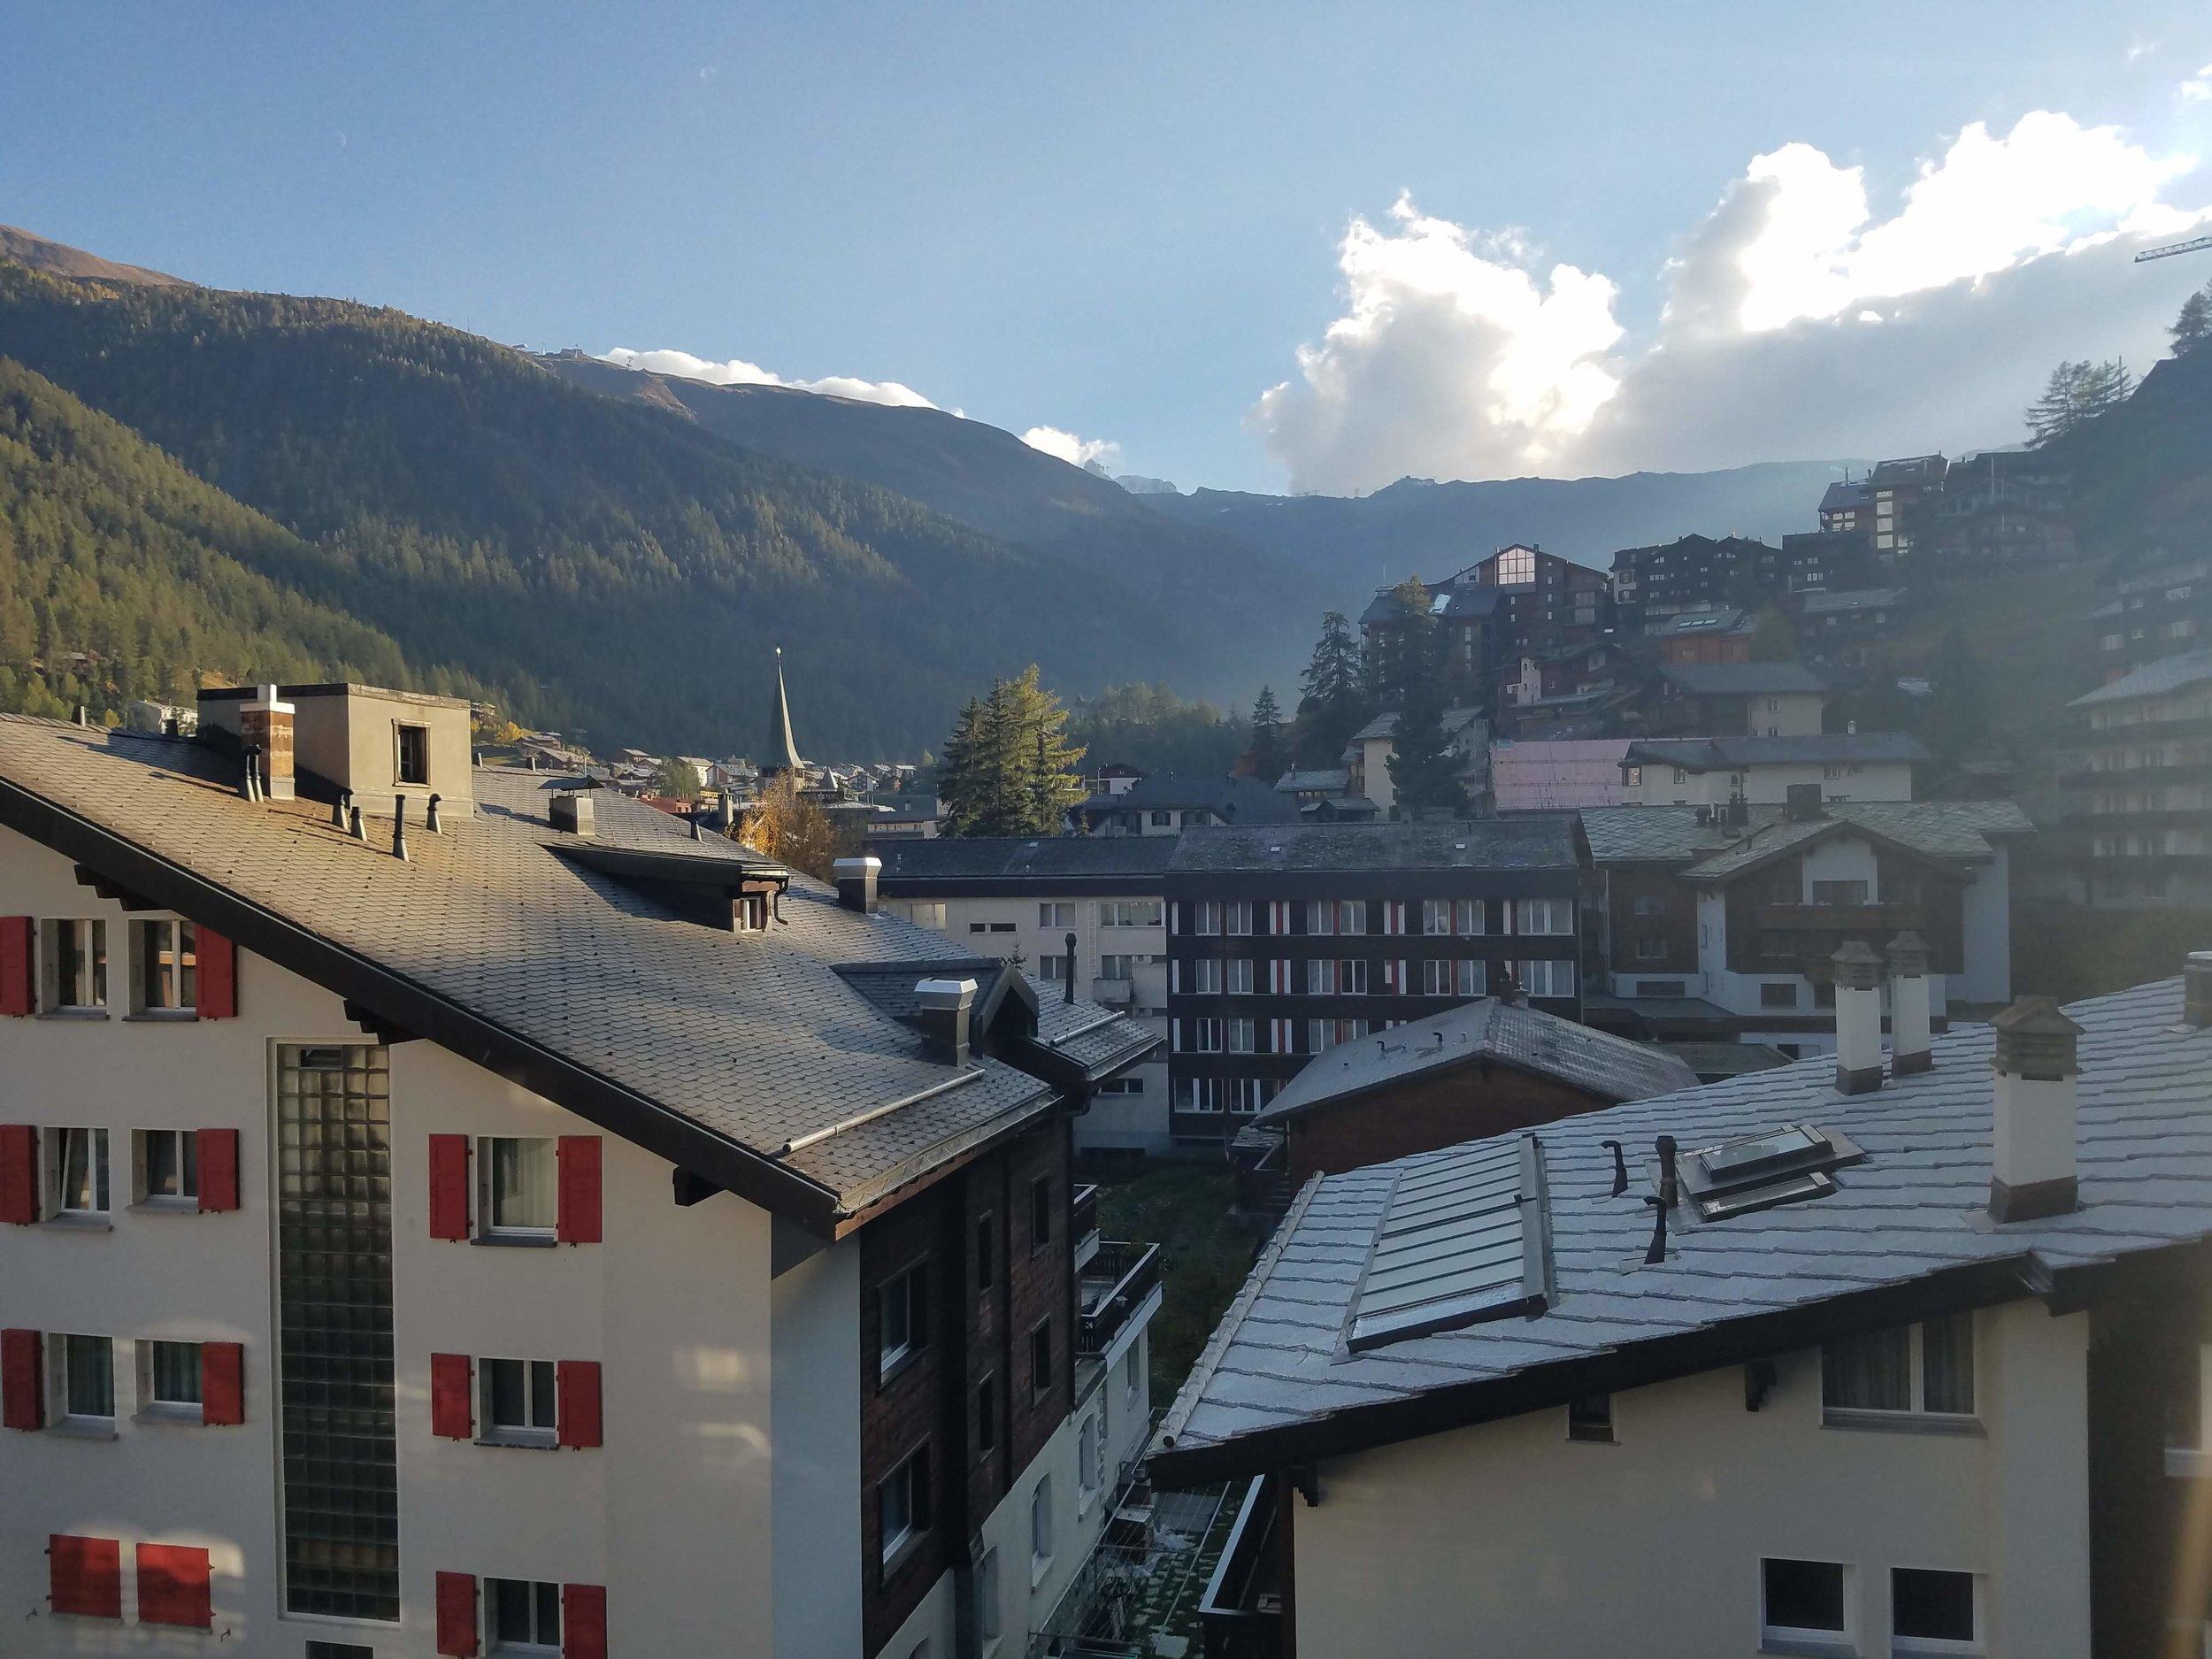 View from Zermatt, Switzerland AirBNB